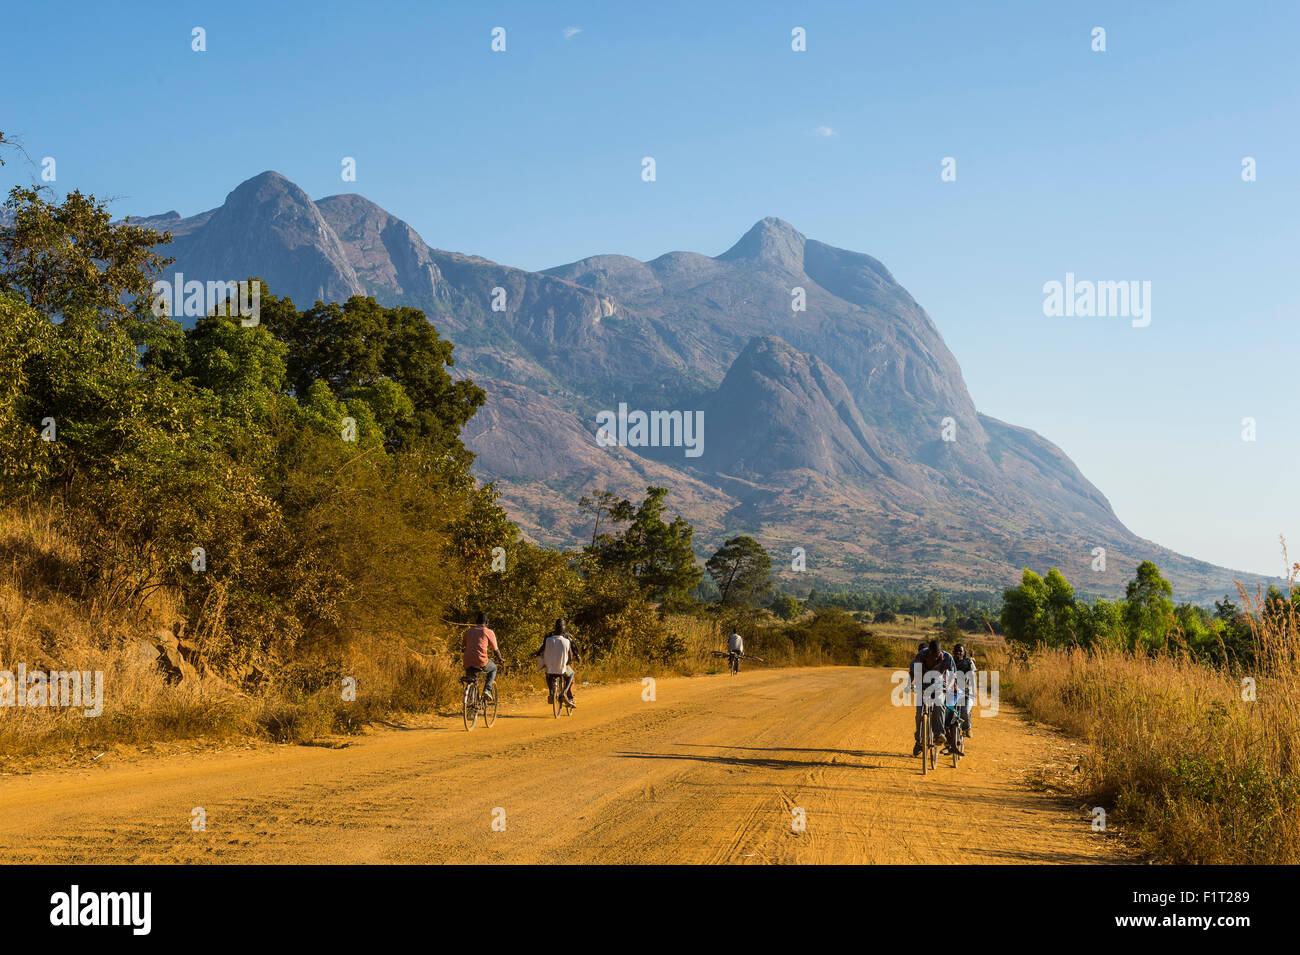 Strada che conduce alle vette di granito del monte Mulanje, Malawi, Africa Immagini Stock